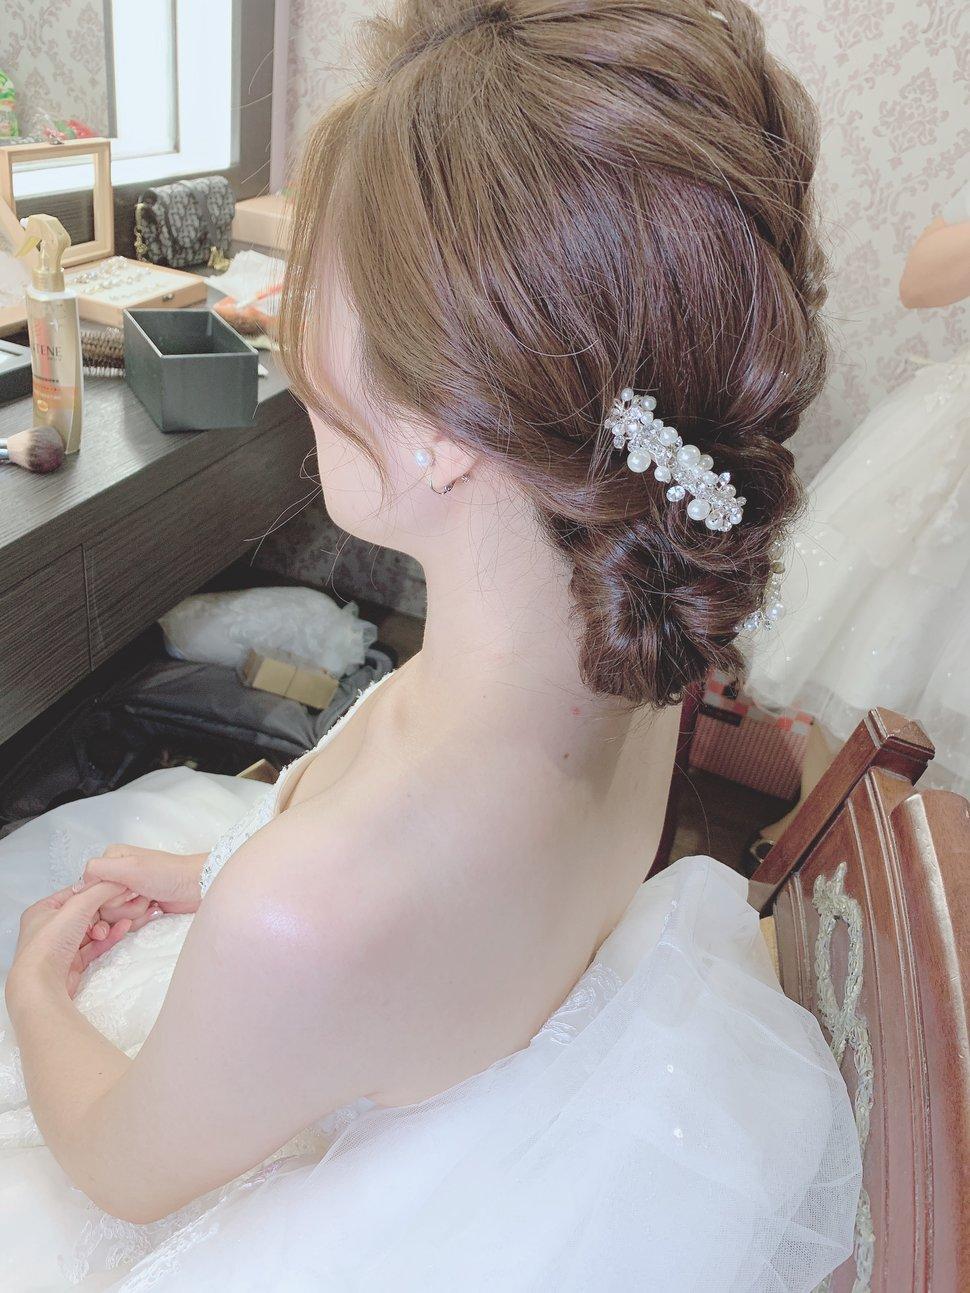 769F6631-5A30-4B7F-9A5A-23B133DE78F0 - Fanny造型工作室 新娘秘書 自助婚紗《結婚吧》